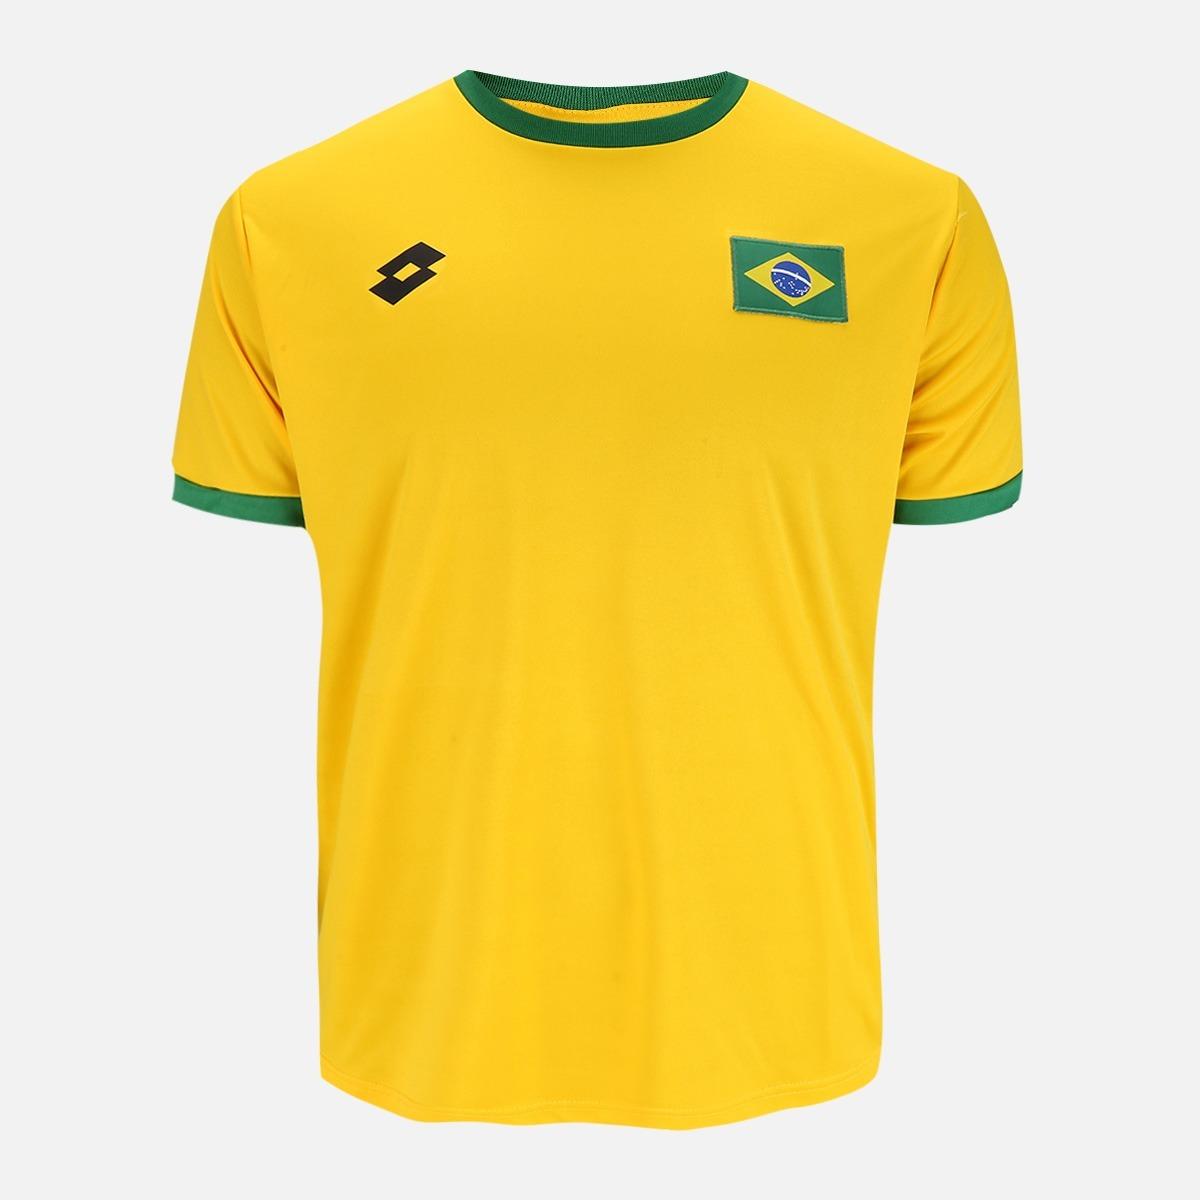 a19a0f25084e3 camisa seleção brasileira time brasil copa do mundo amarela. Carregando zoom .